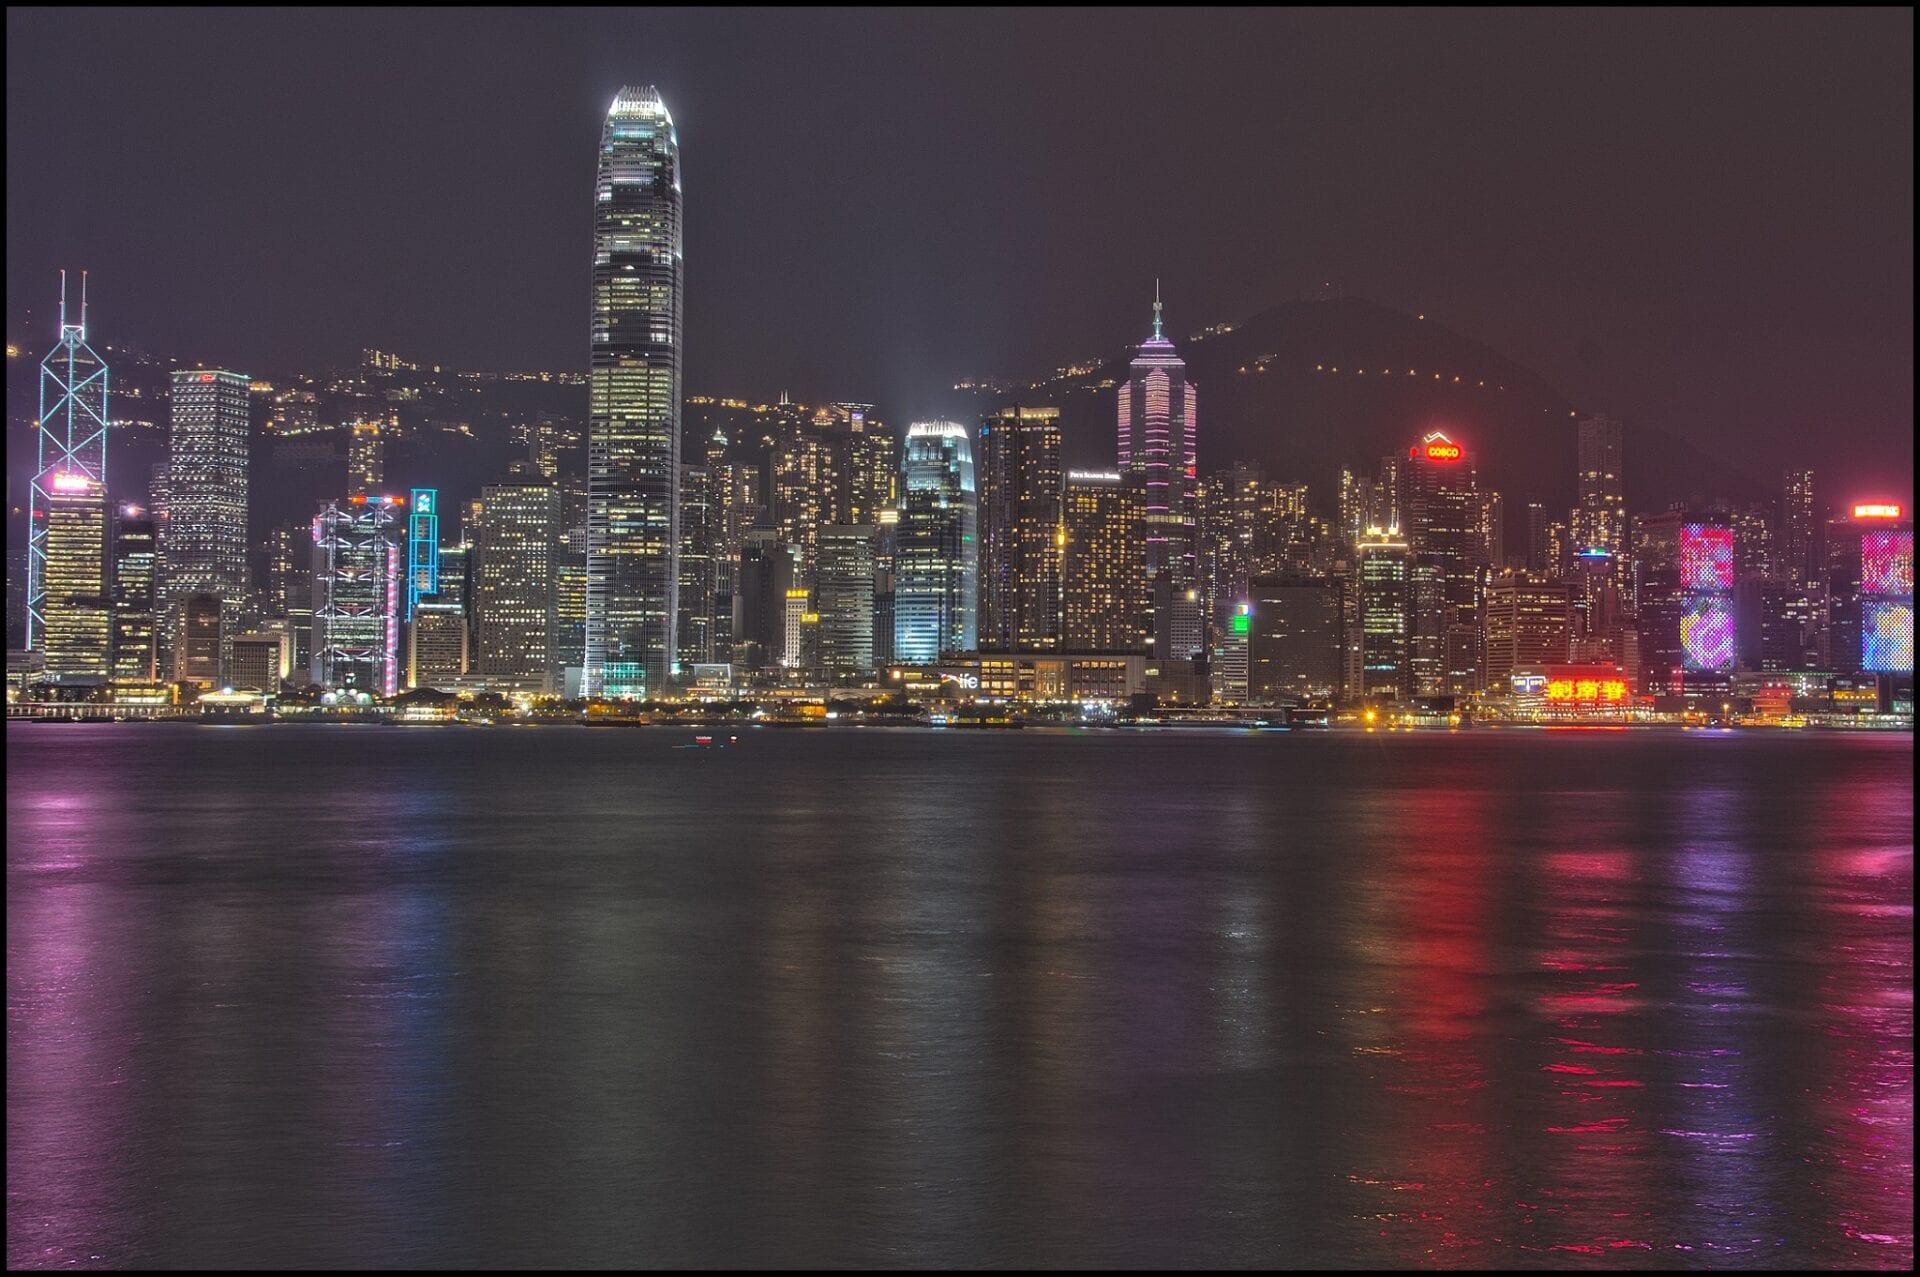 Kowloon Park Hong Kong tsim sha tsui (3)